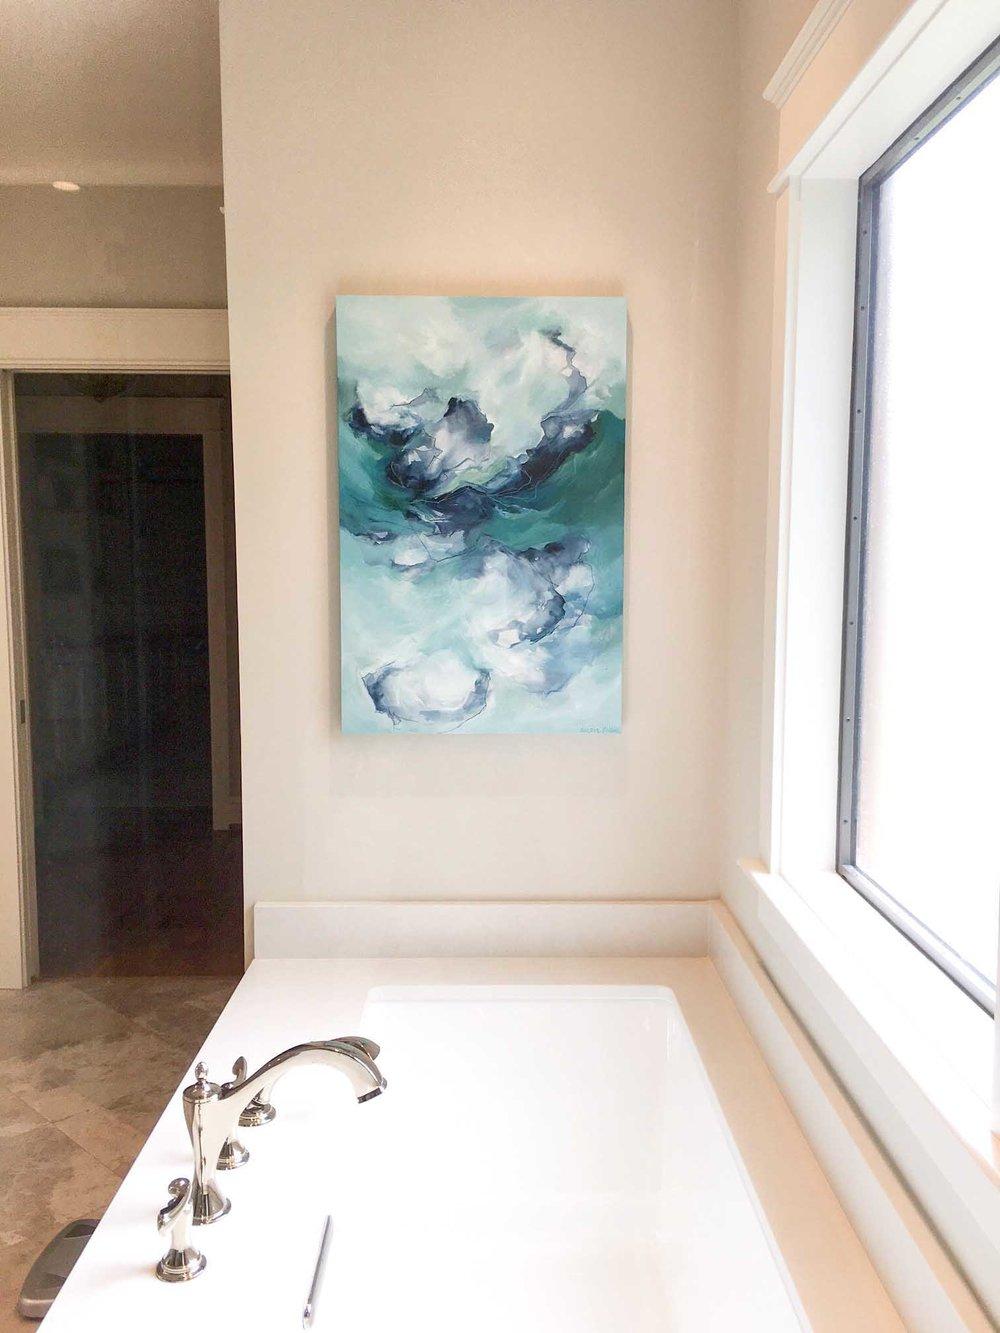 custom-abstract-painting-soothing-spa-bathroom-artwork.jpg